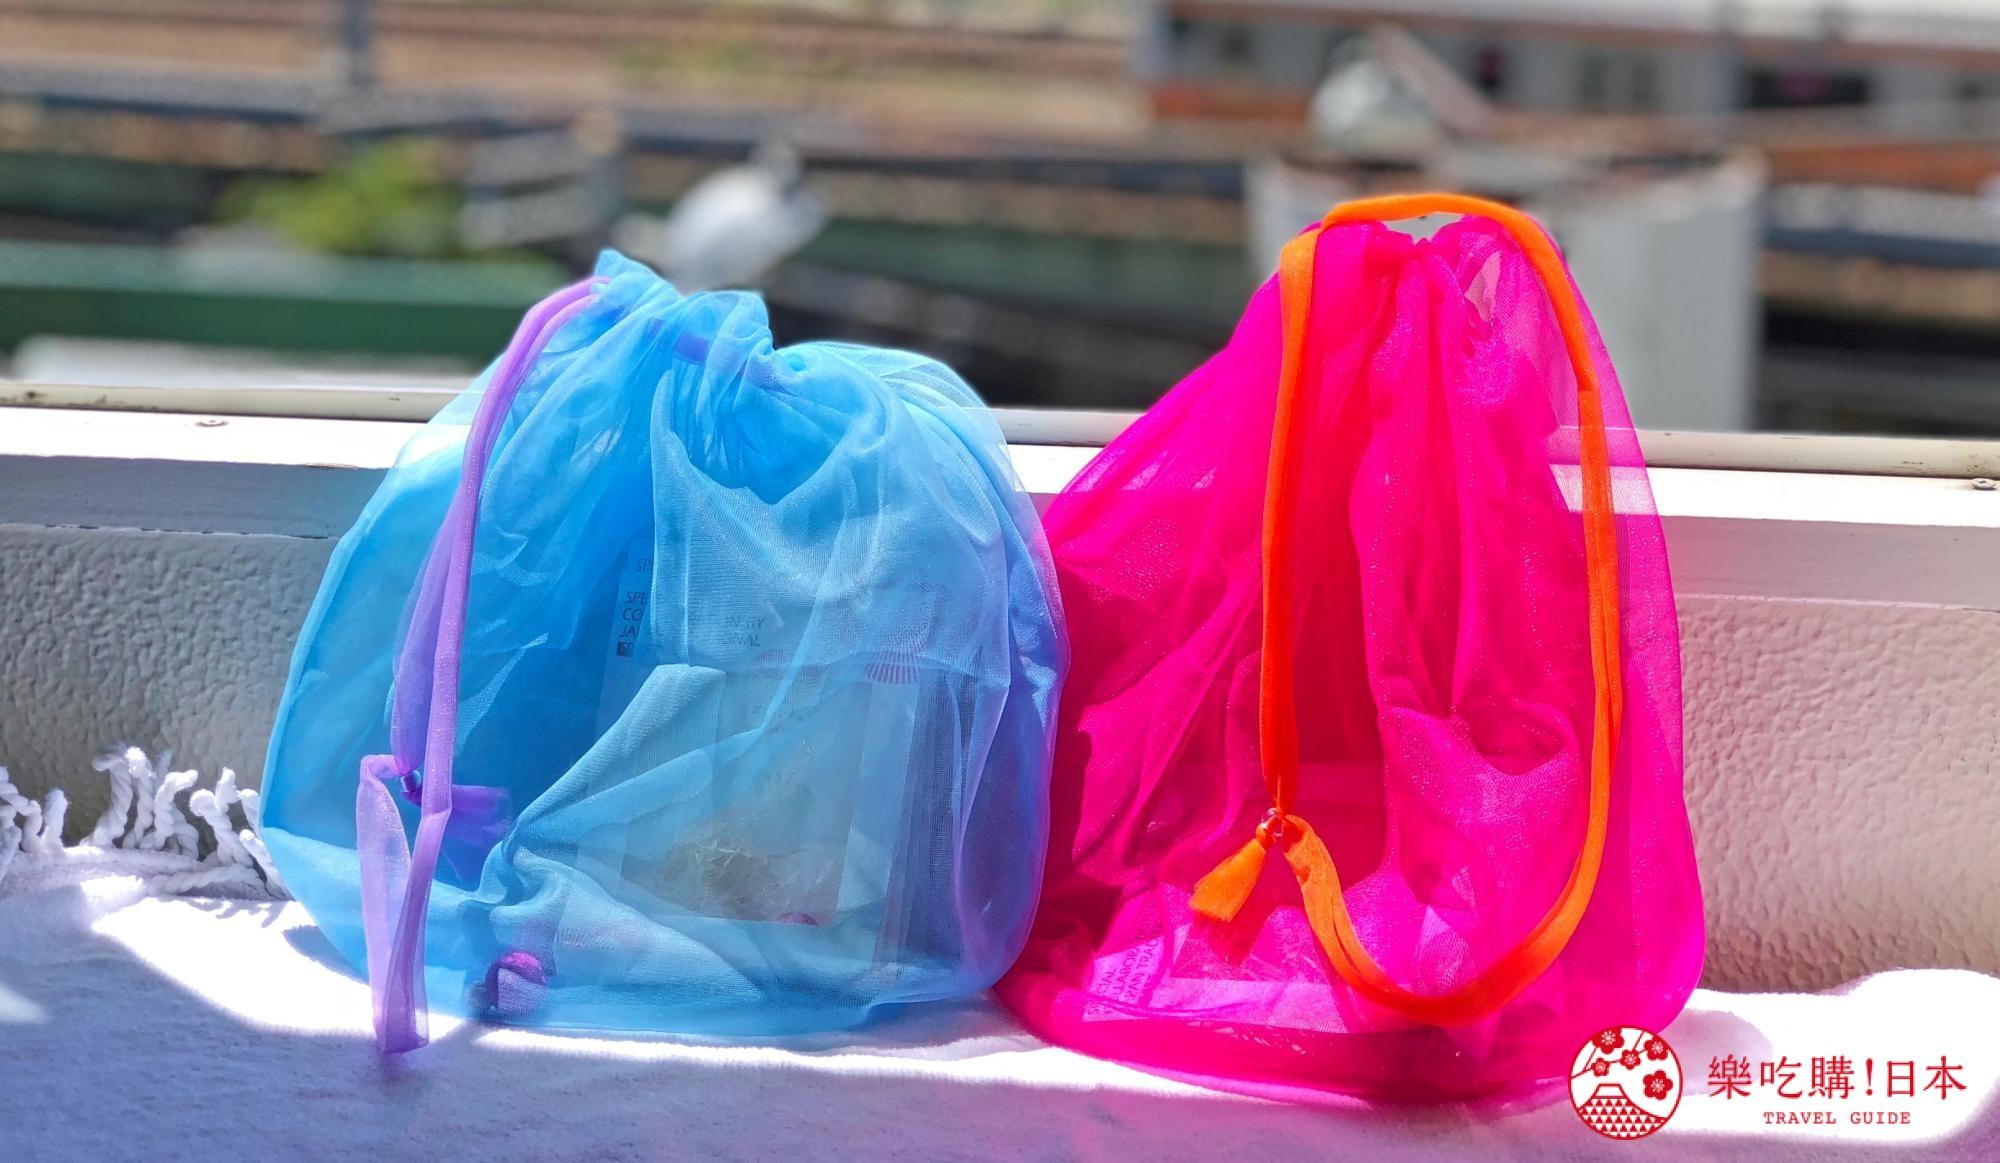 日本樂桃人氣原創設計商品的Peach X Lagimusim 限定色 巾着(大,桃紅/天藍)遠照